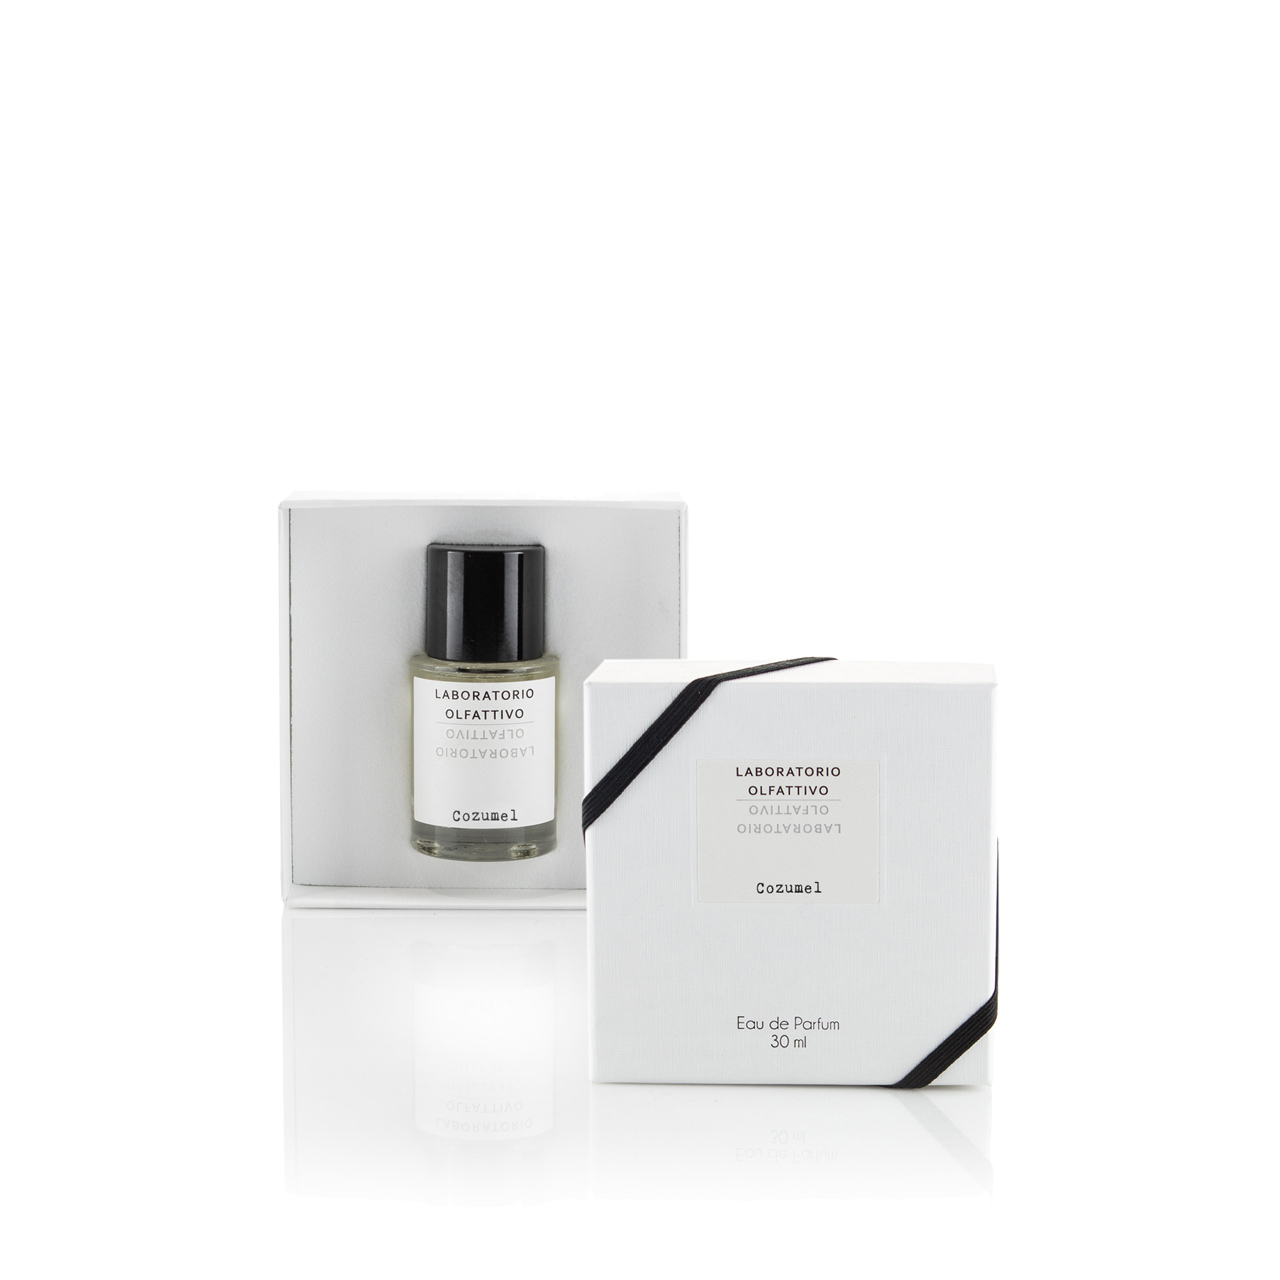 Cozumel - Eau de Parfum